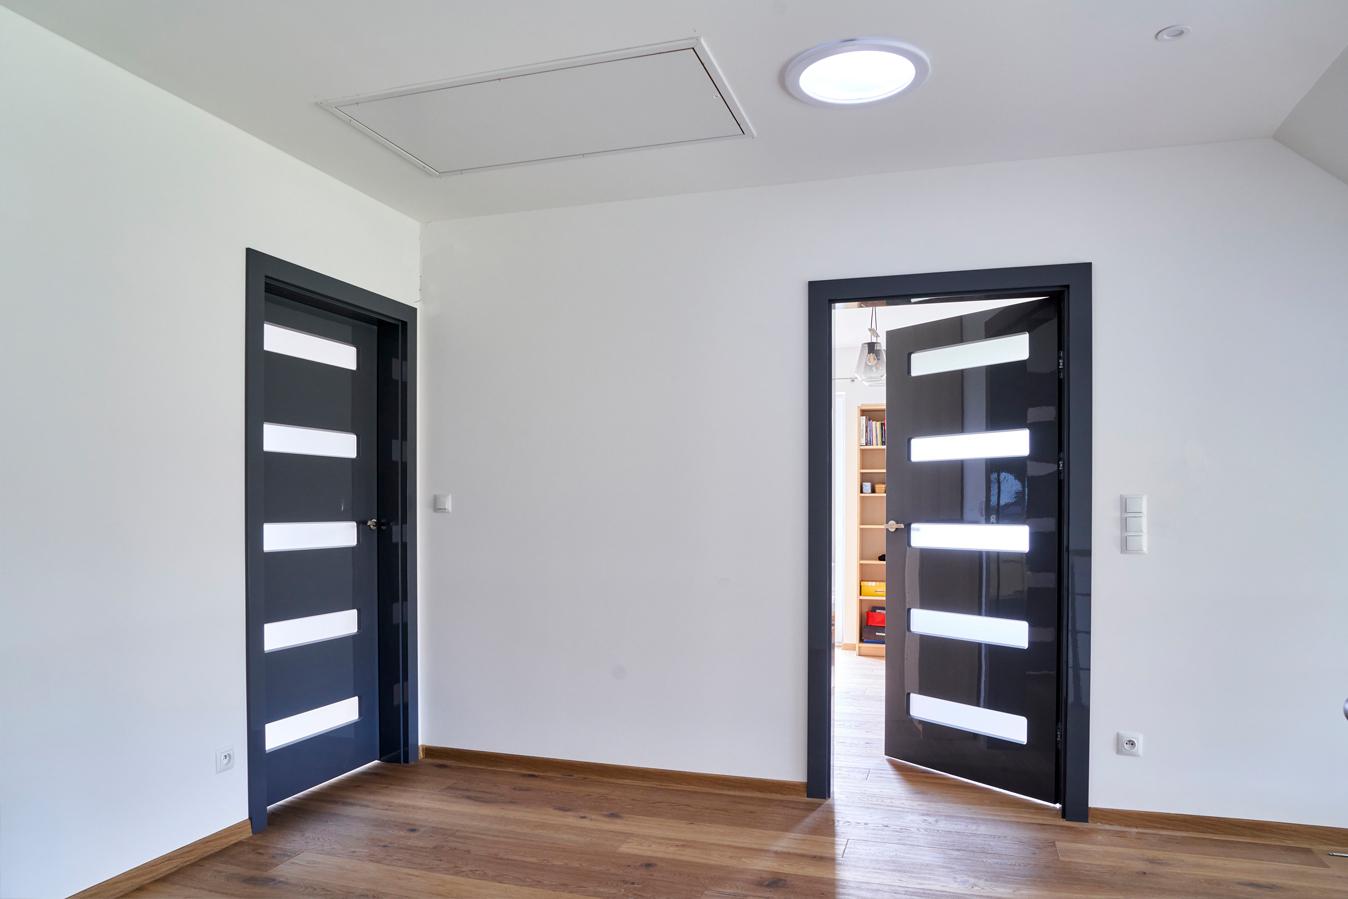 drzwi wewnętrzne BOLZANO dark grey GLOSSA 5 małe